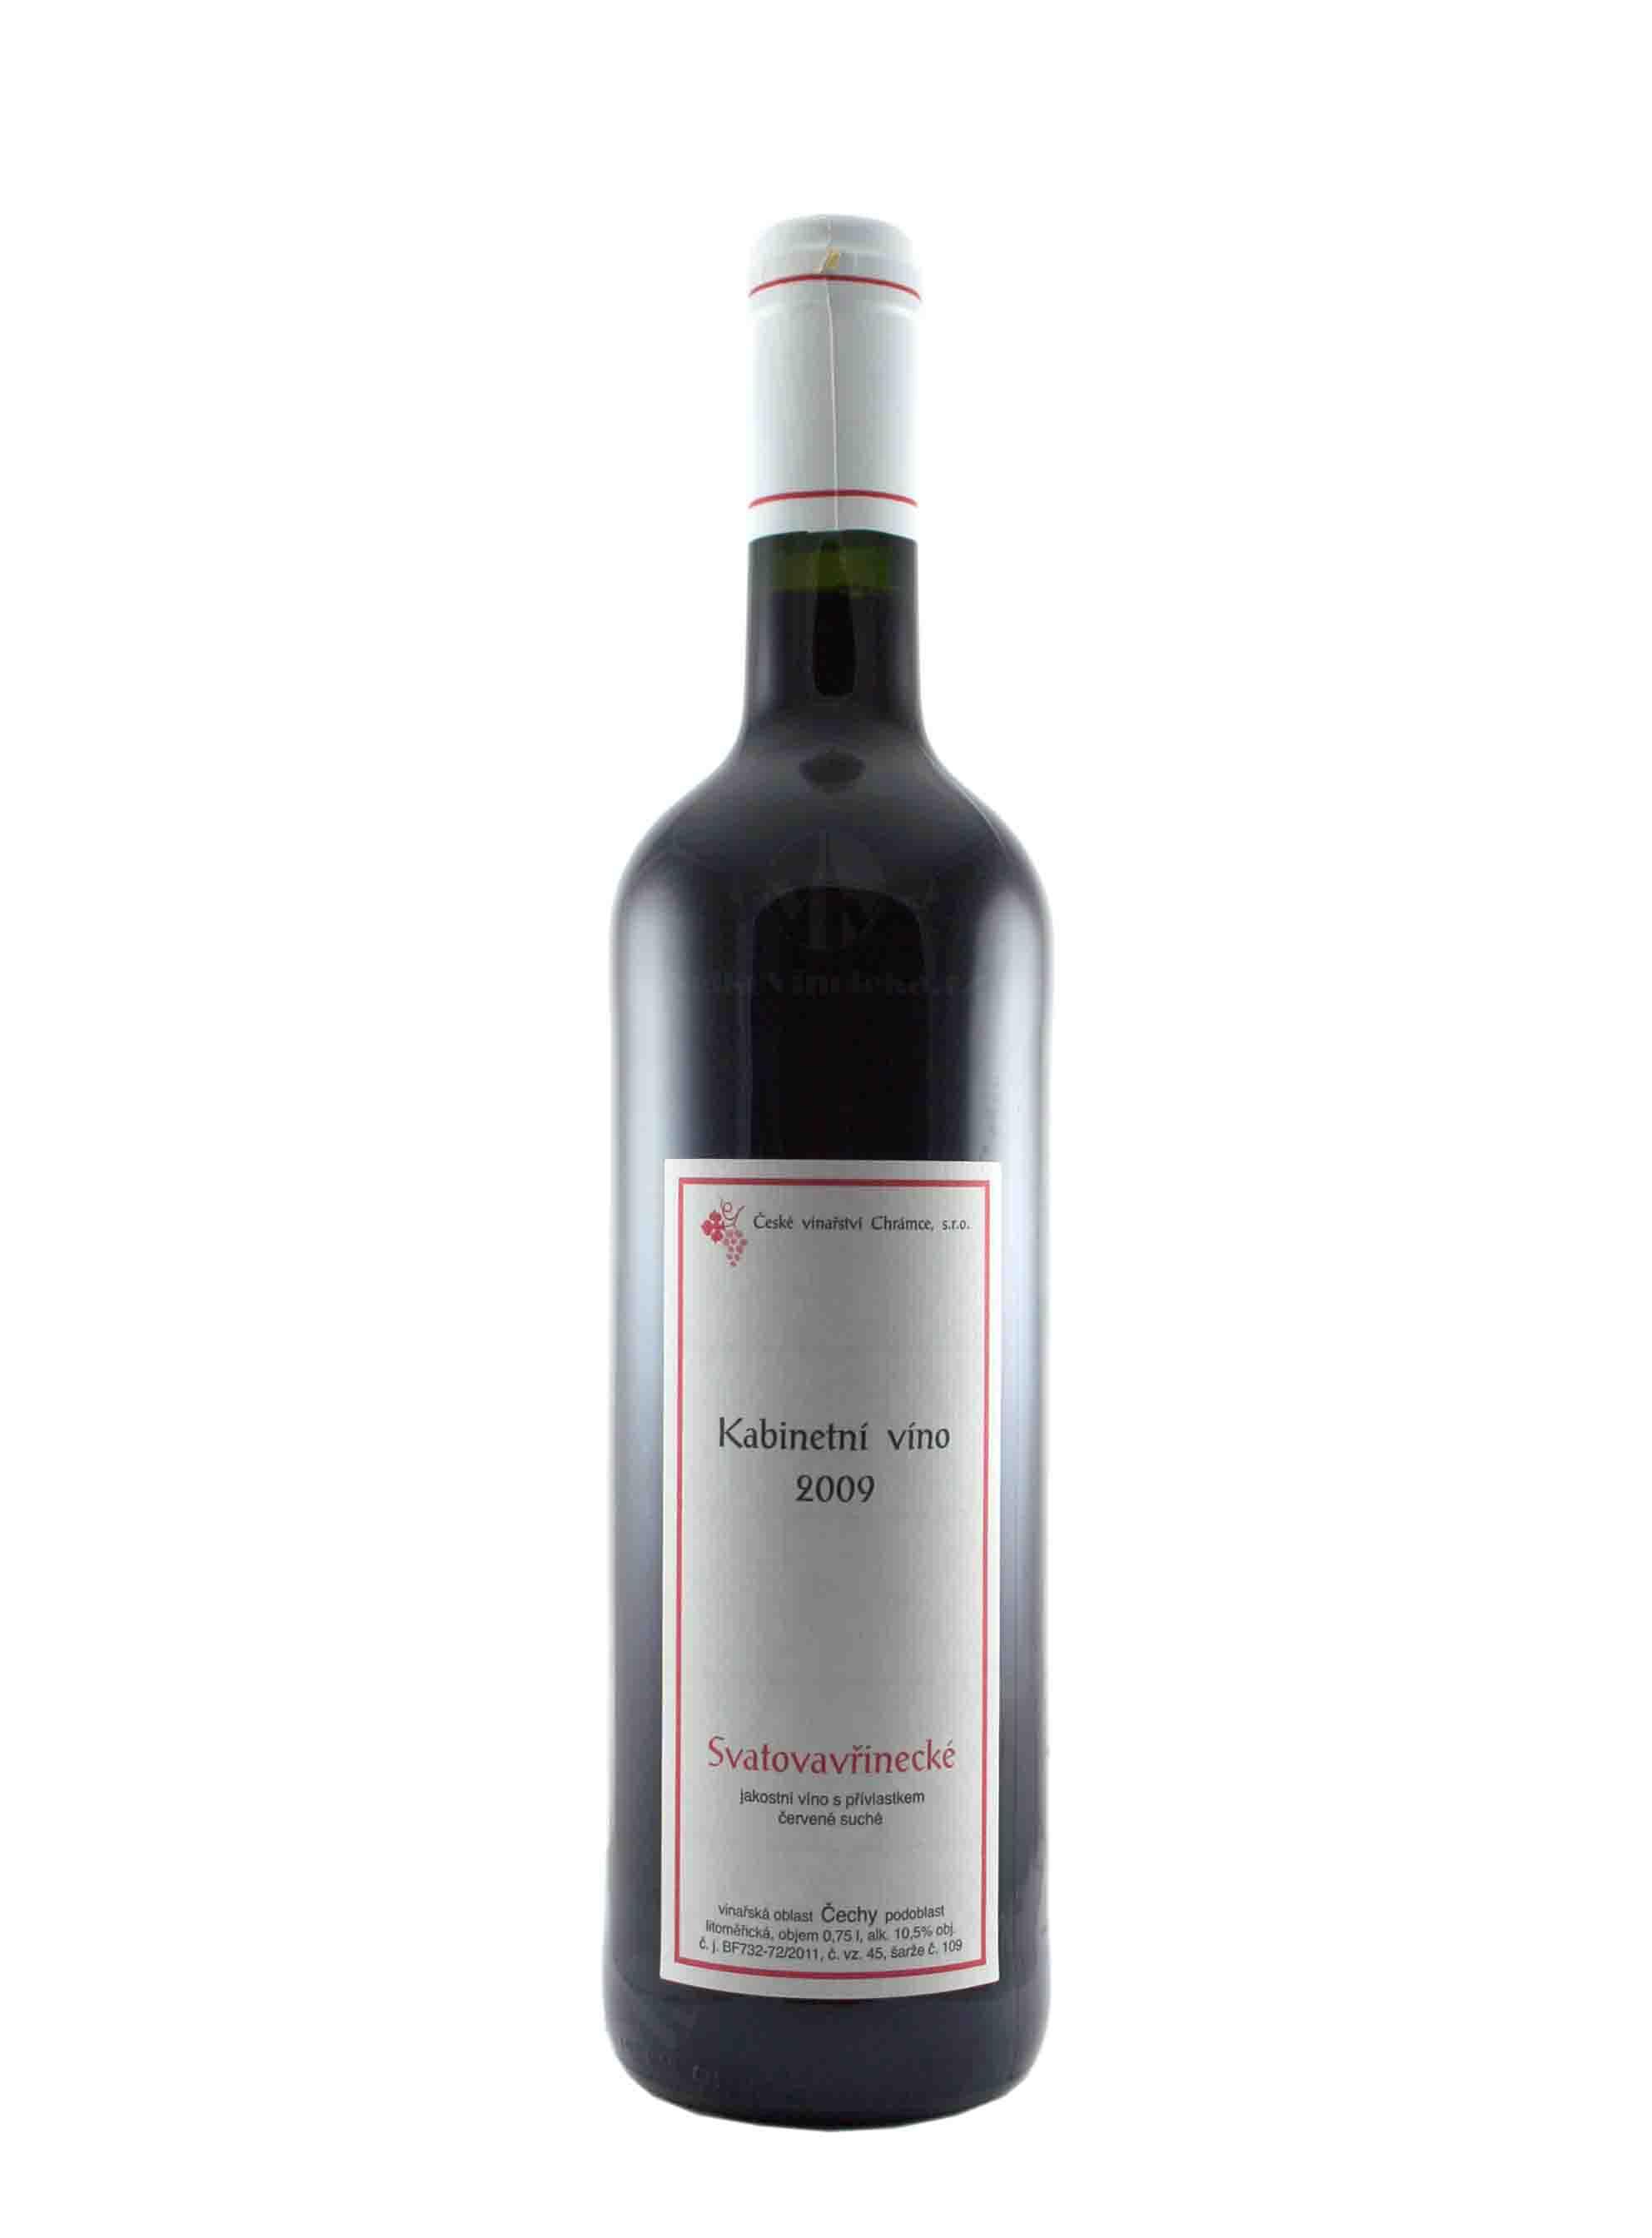 Svatovavřinecké, Kabinet, 2009, České vinařství Chrámce, 0.75 l